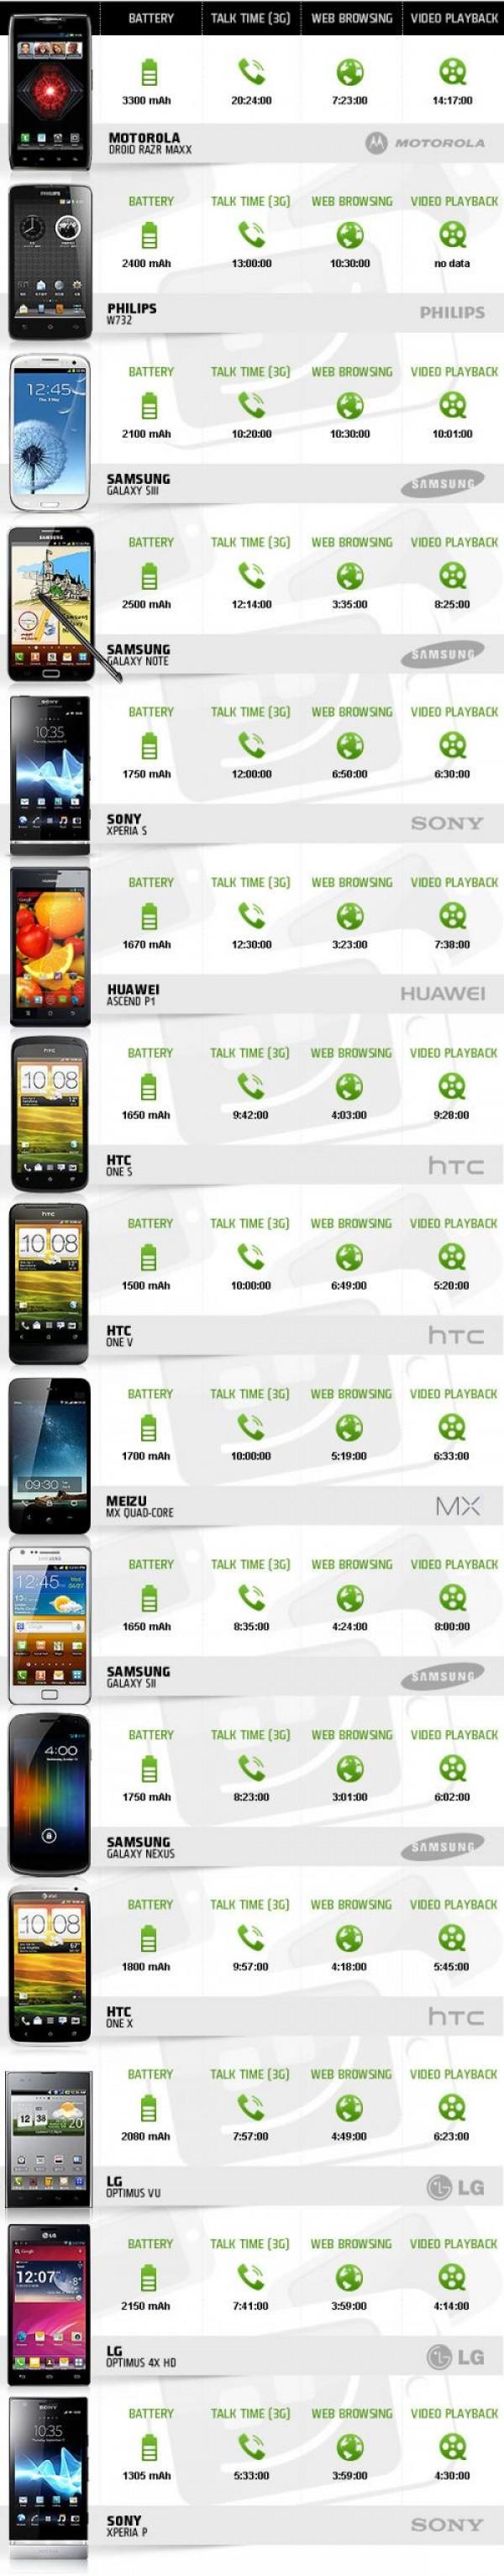 Los teléfonos móviles que más batería gastan